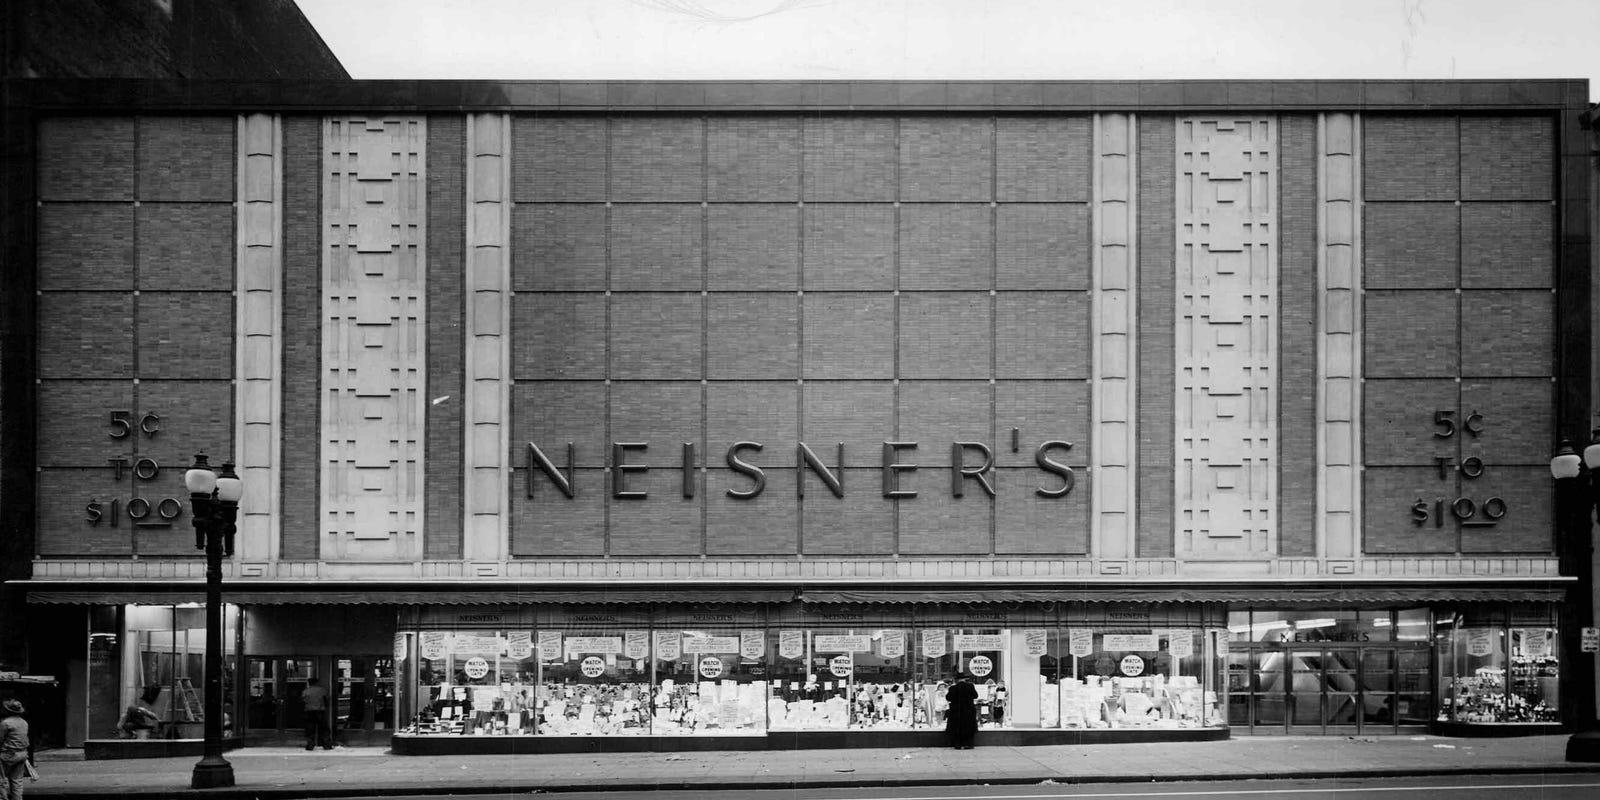 Wver Happened To ... Neisner's? on